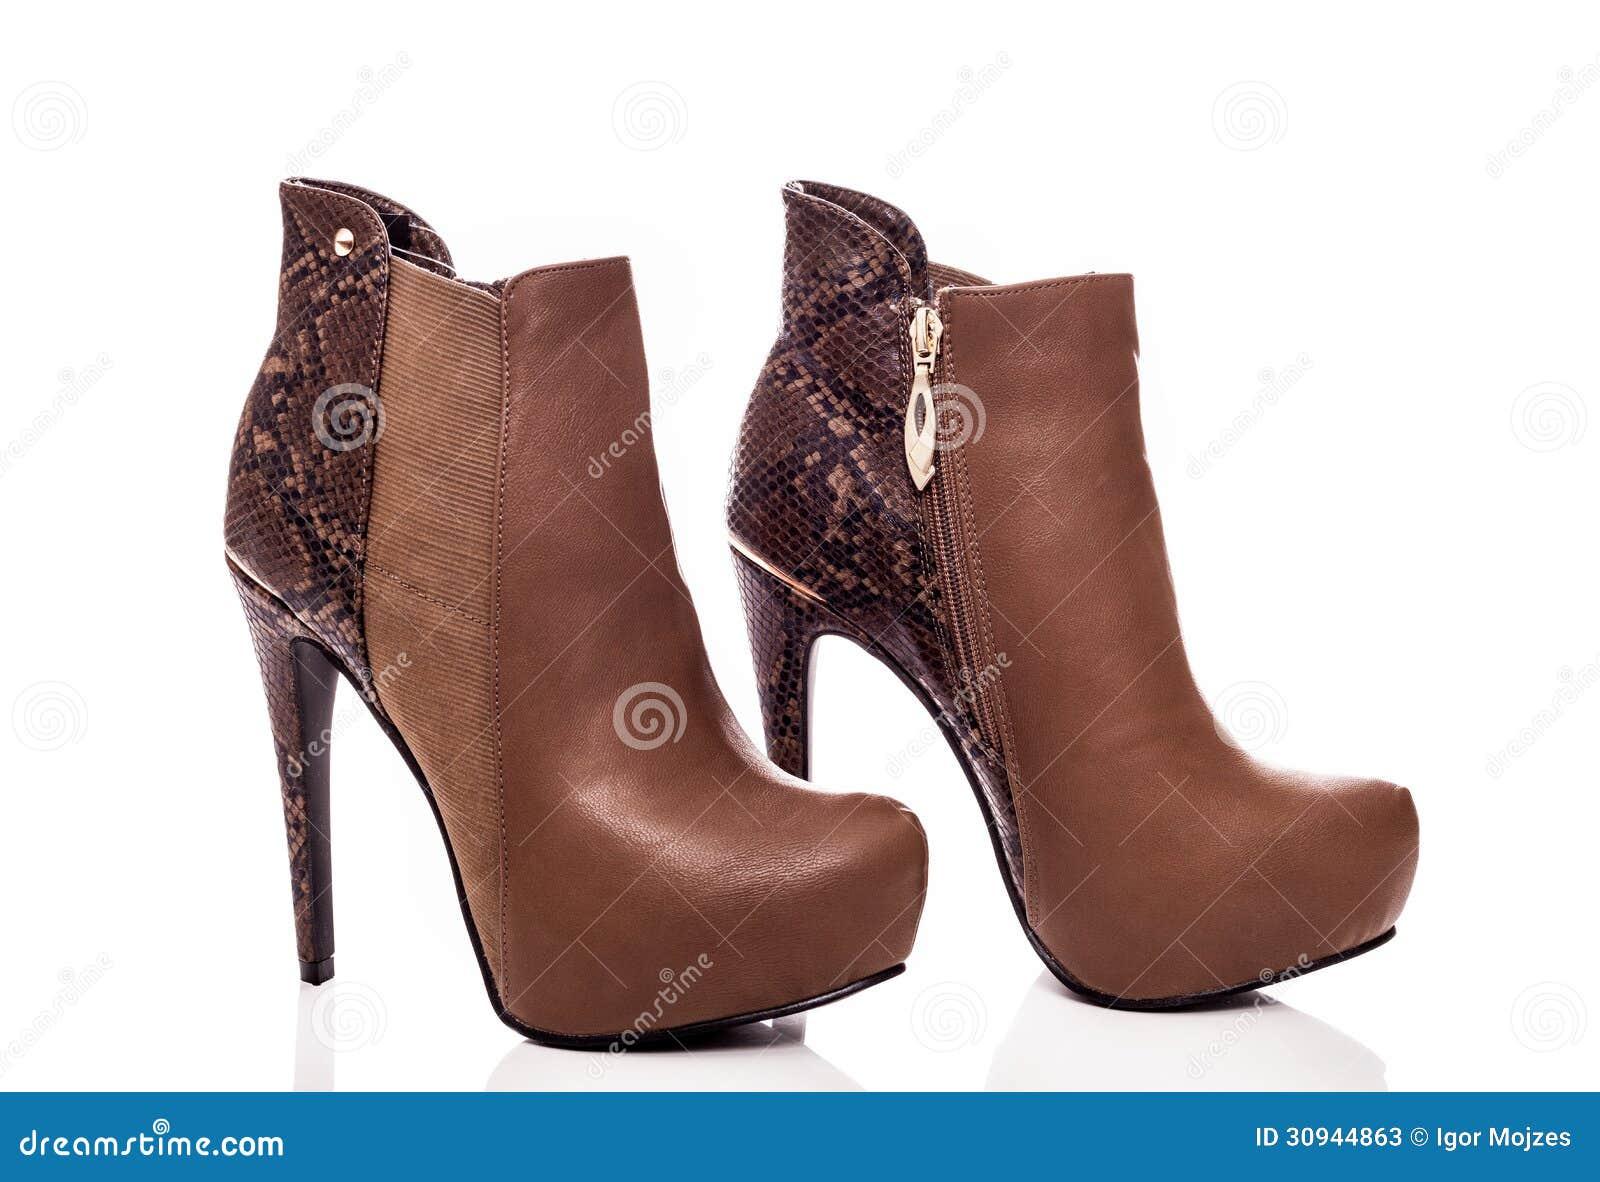 Bruine vrouwelijke high-heeled laarzen